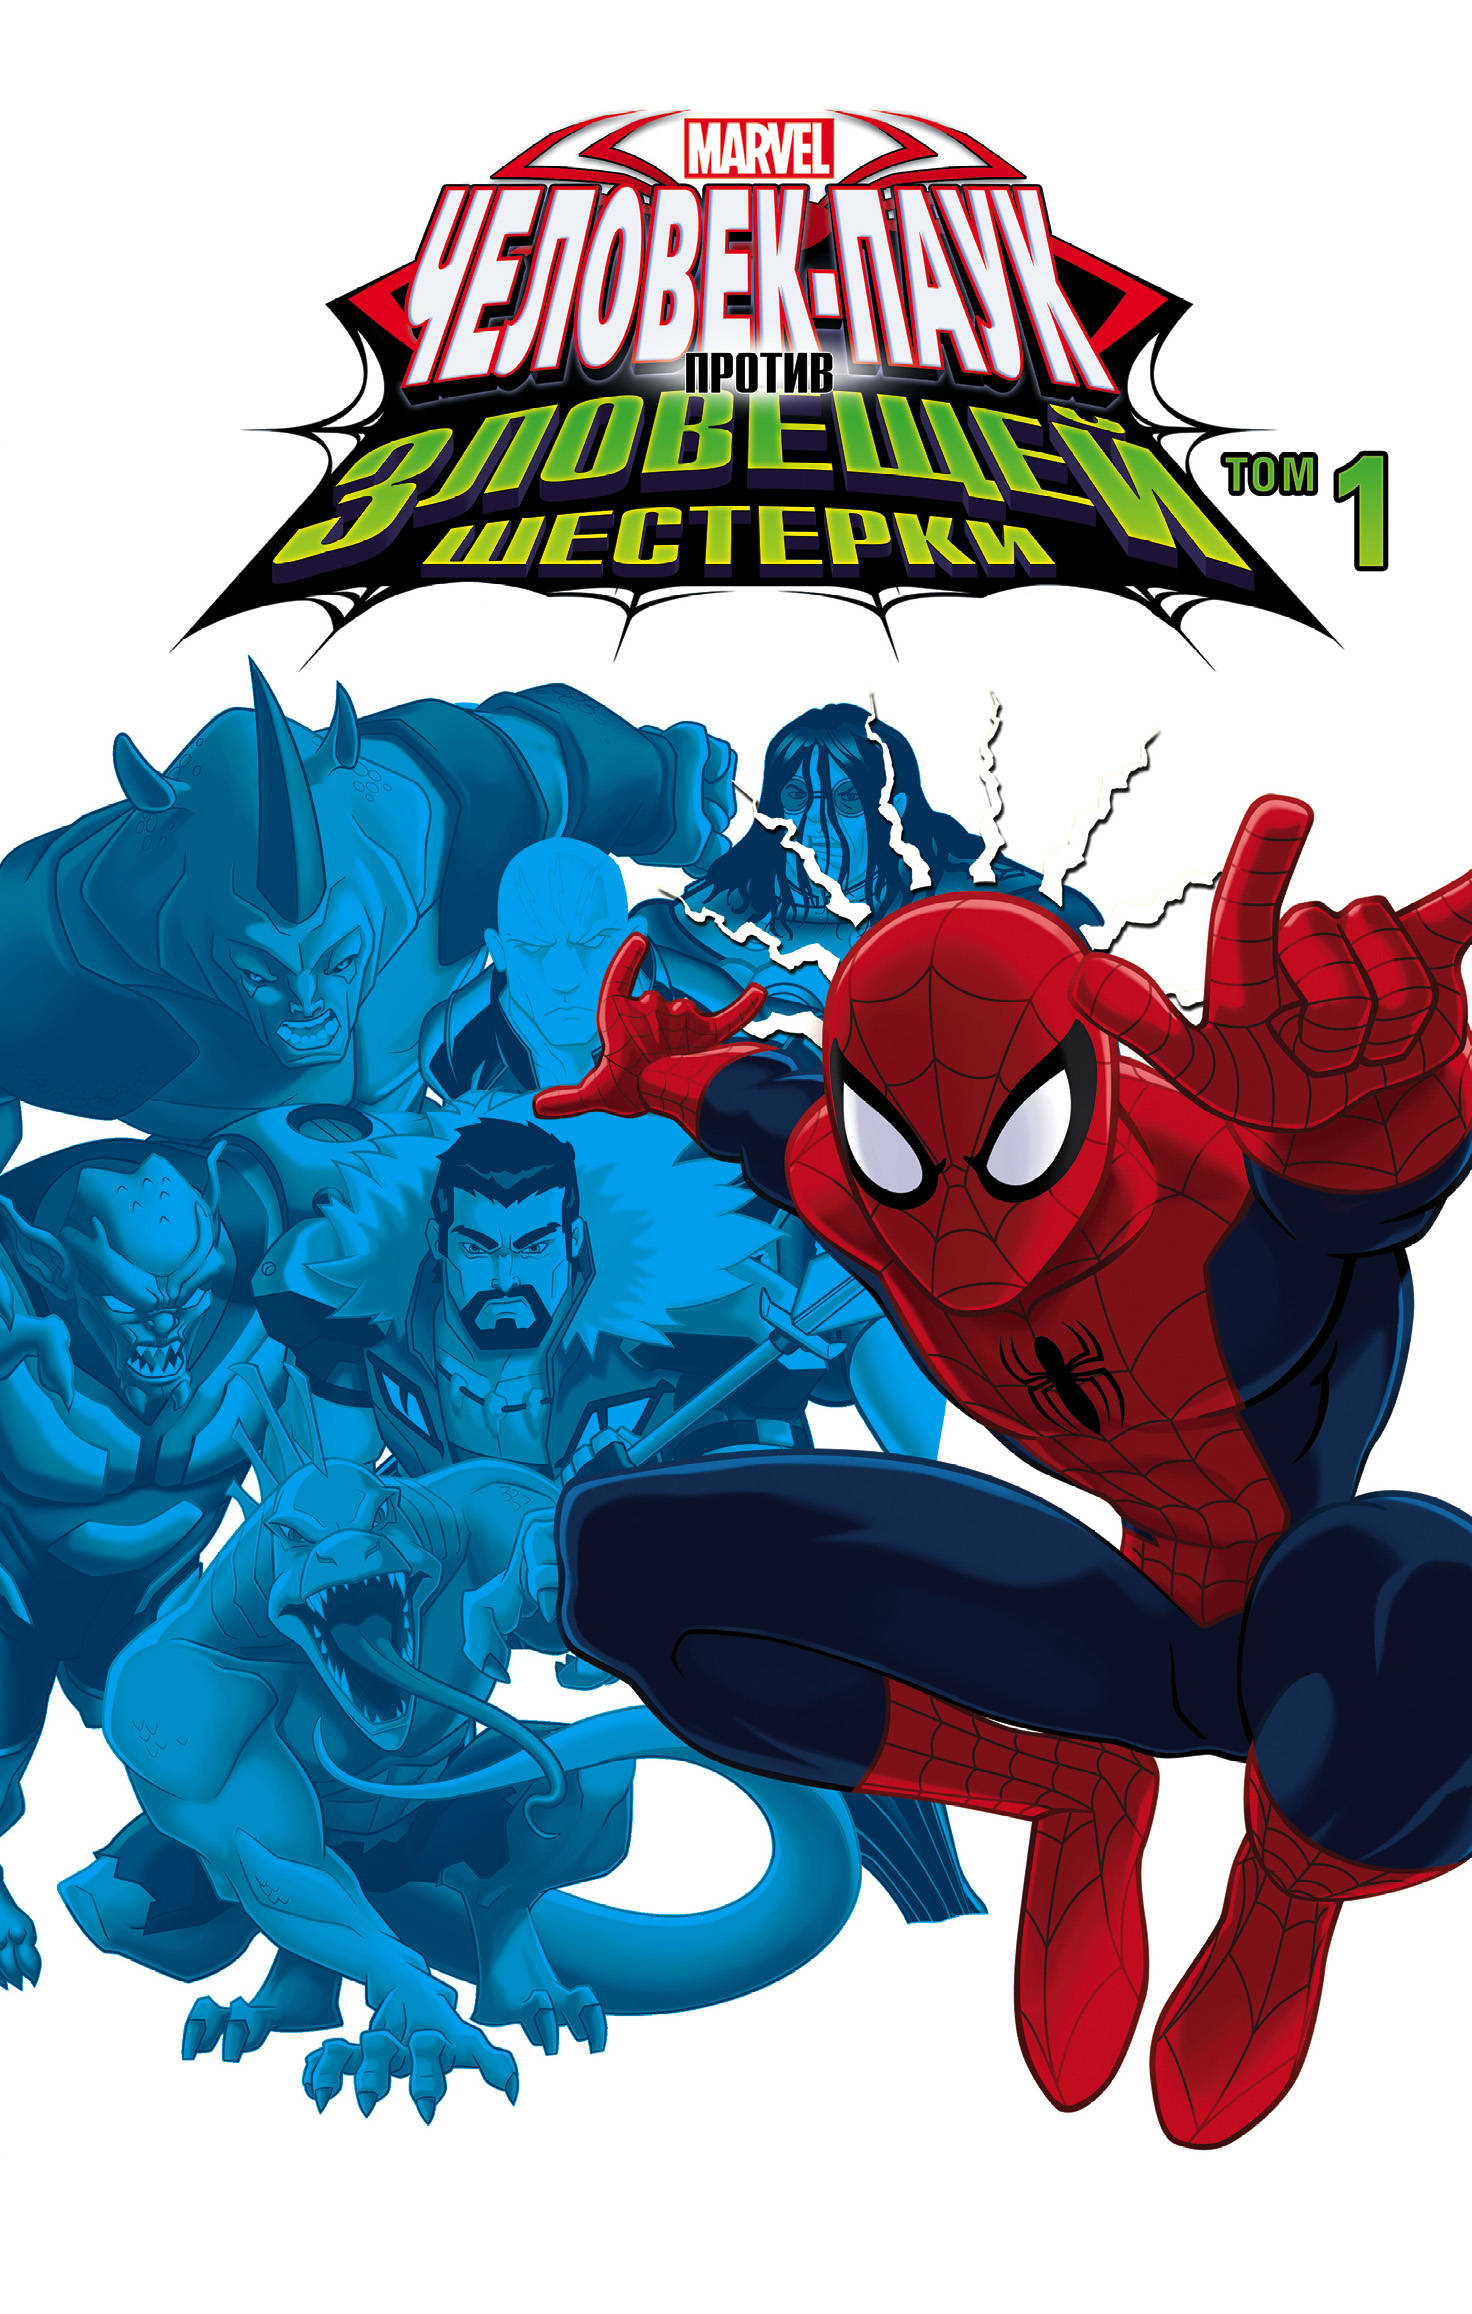 Джо Караманья Человек-Паук против Зловещей Шестерки. Том 1 76057 человек паук последний бой воинов паутины